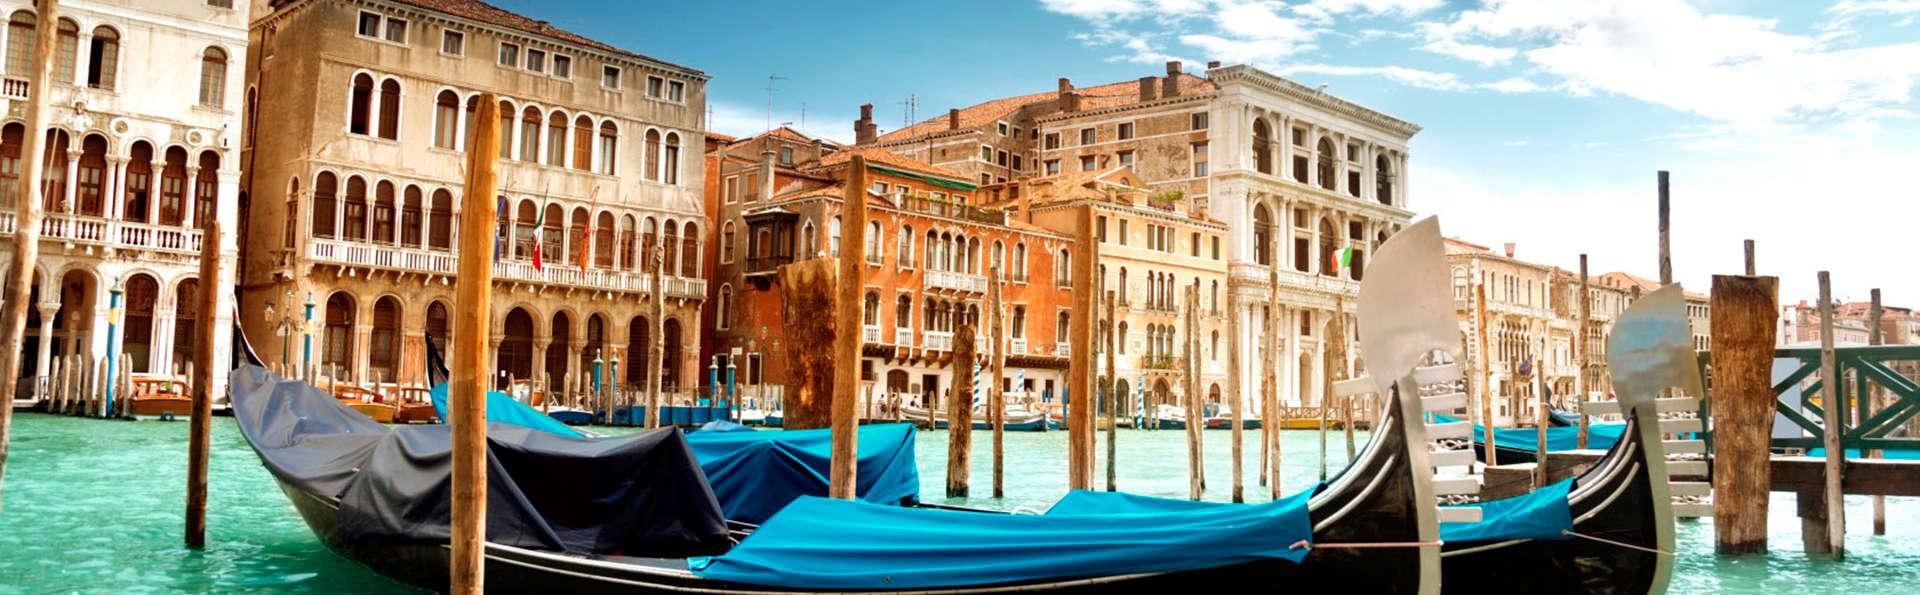 Découvrez Venise avec une balade romantique en gondole ! (à partir de 2 nuits)